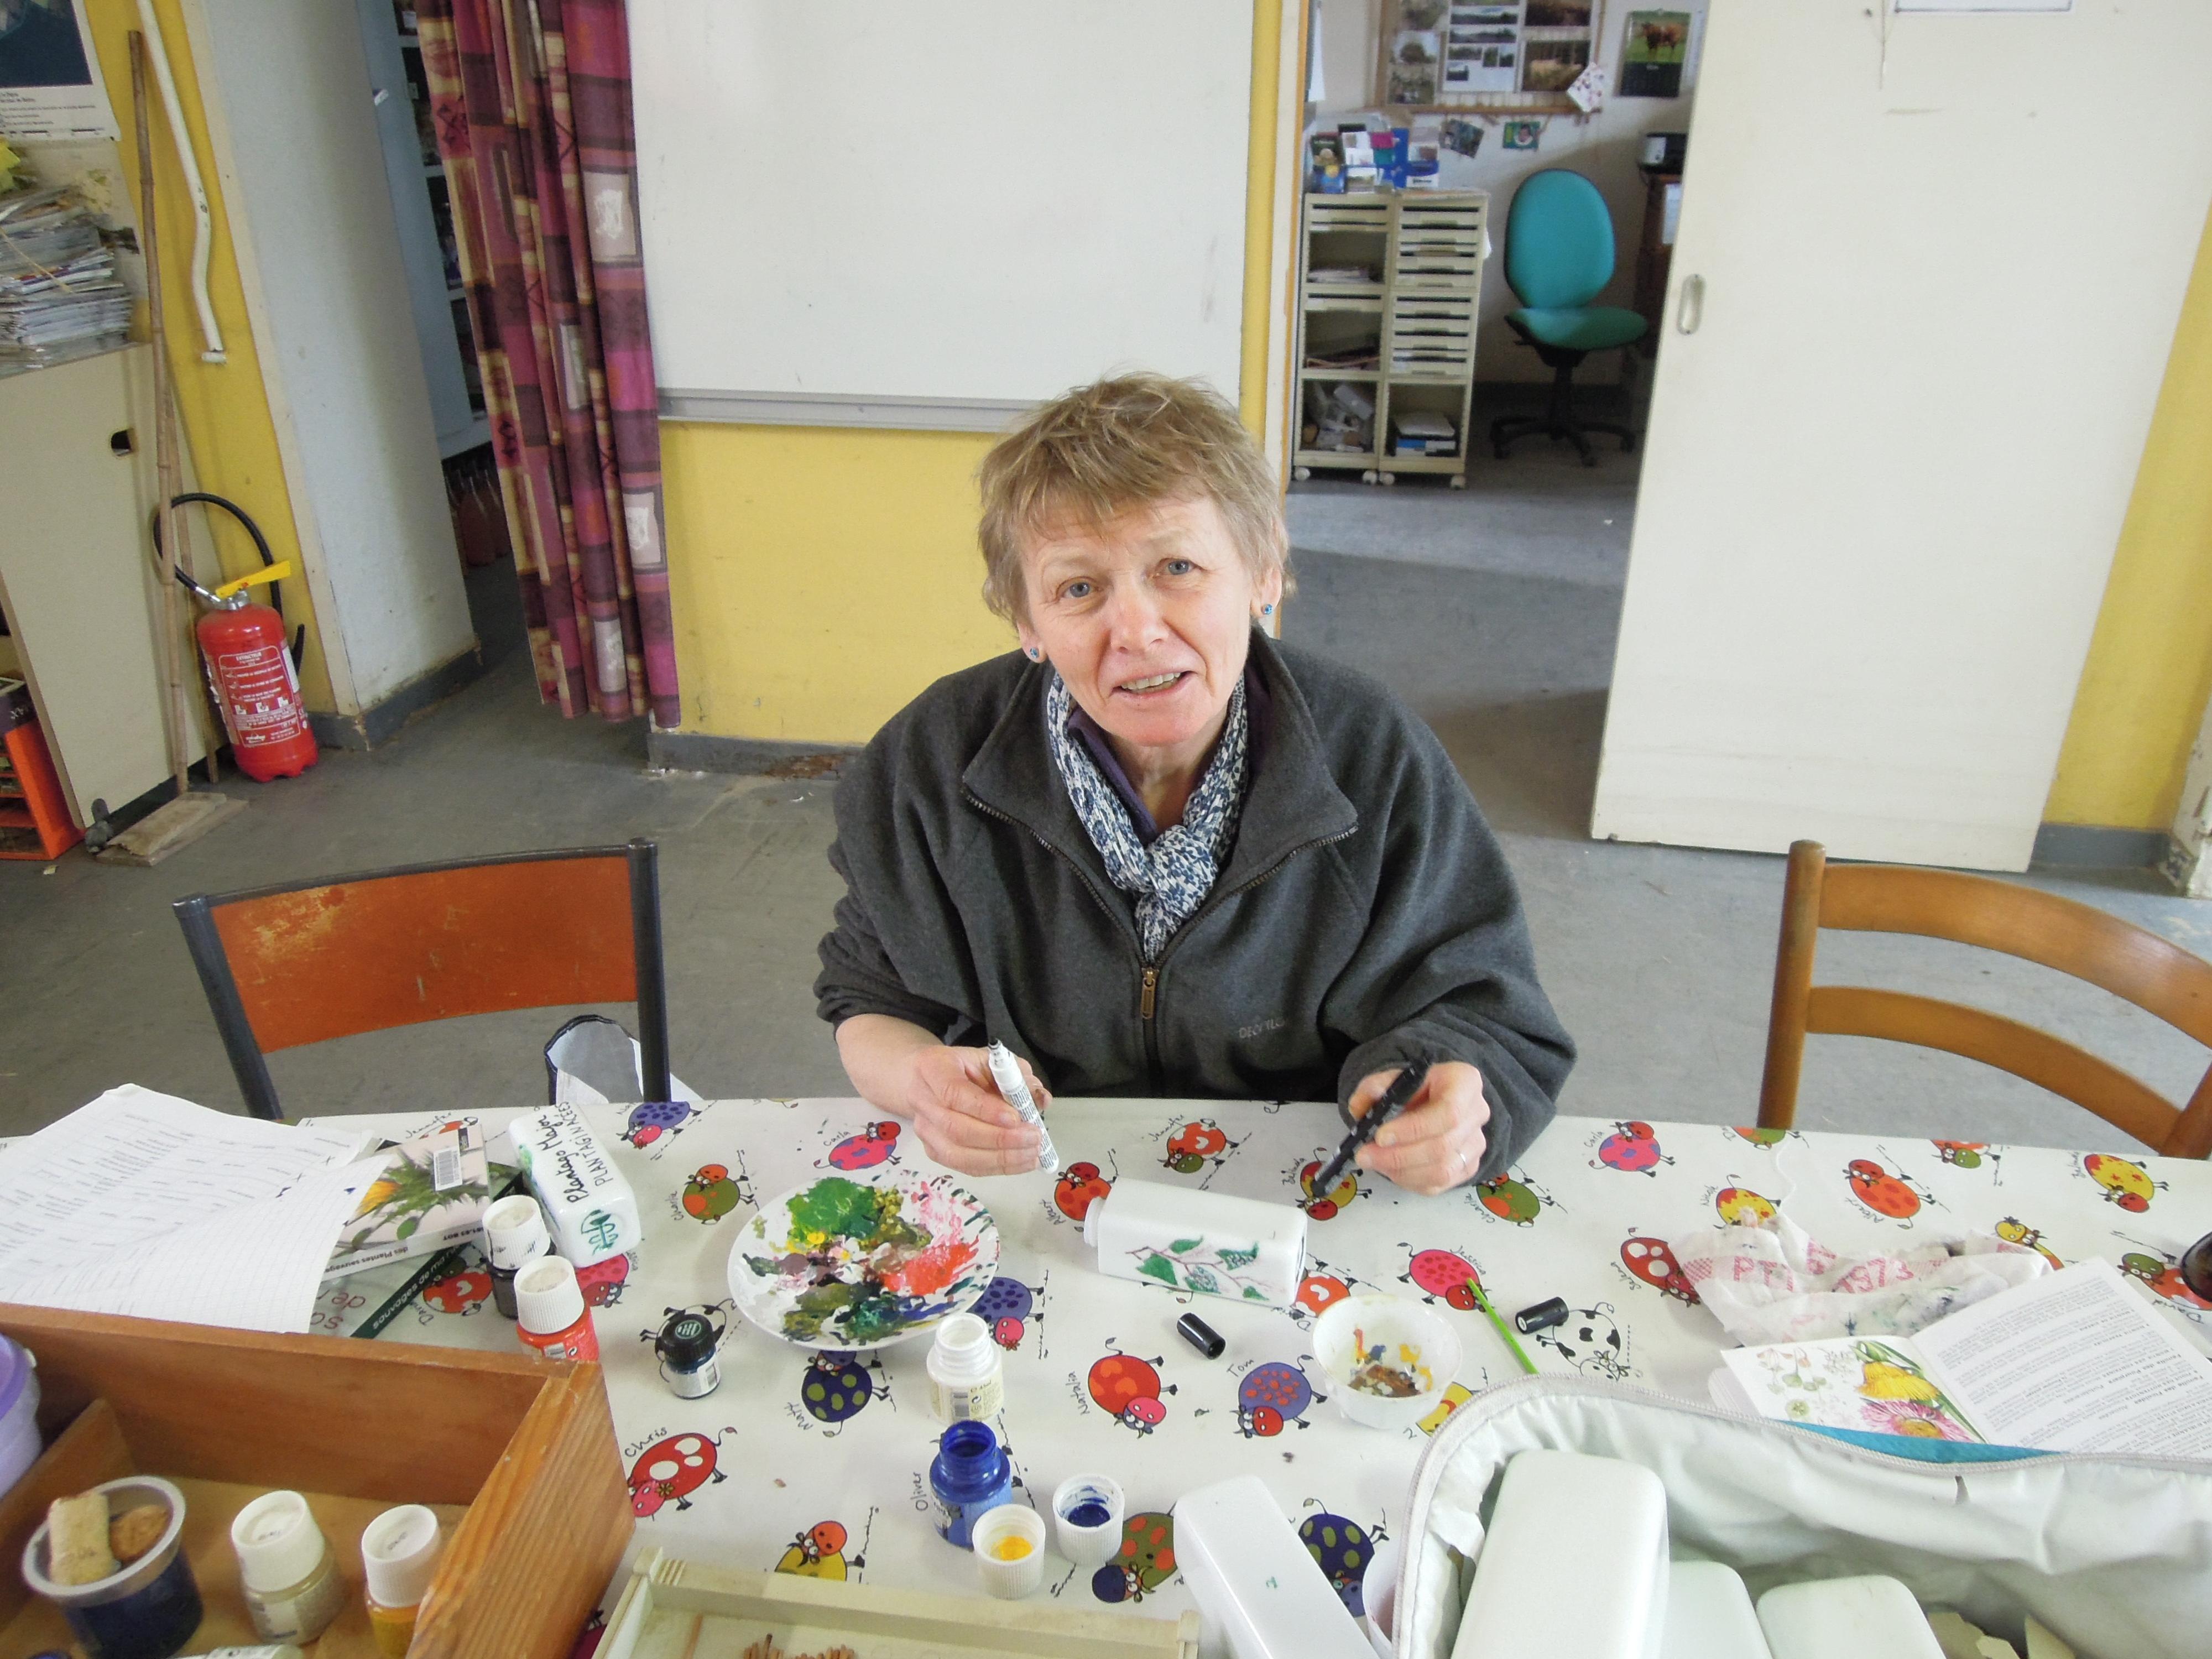 benedicte en pleine peinture botanique